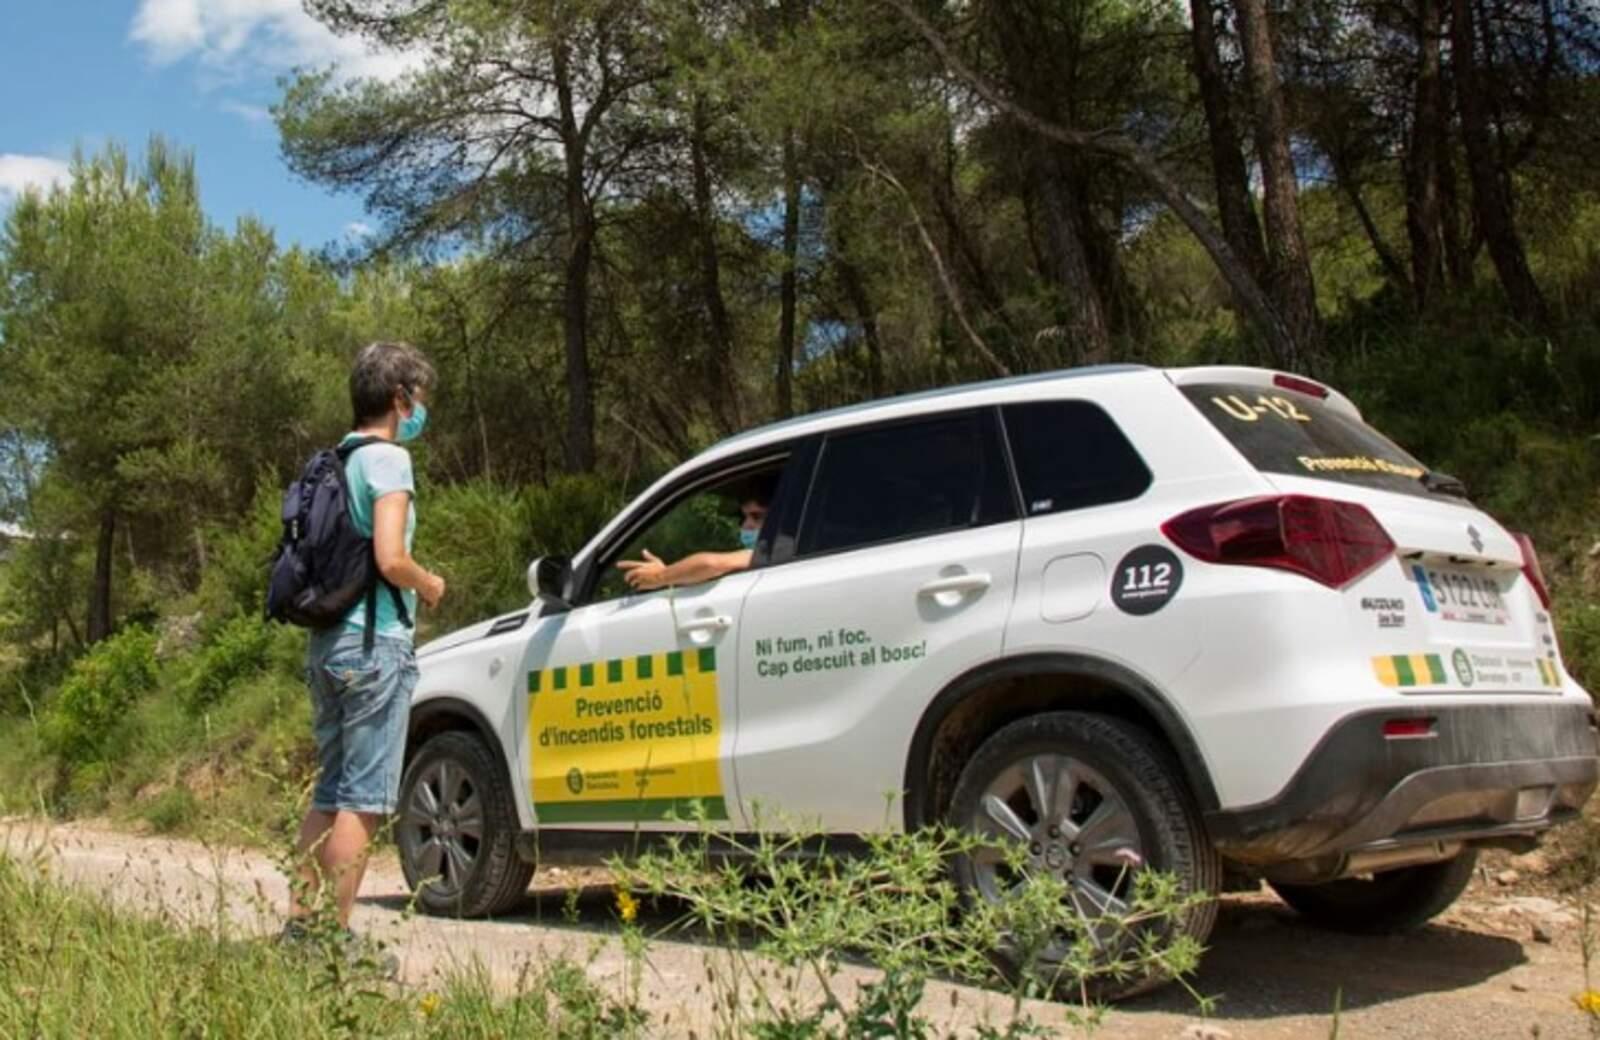 Pla d'informació i prevenció d'incendis forestals (PVI) 2020